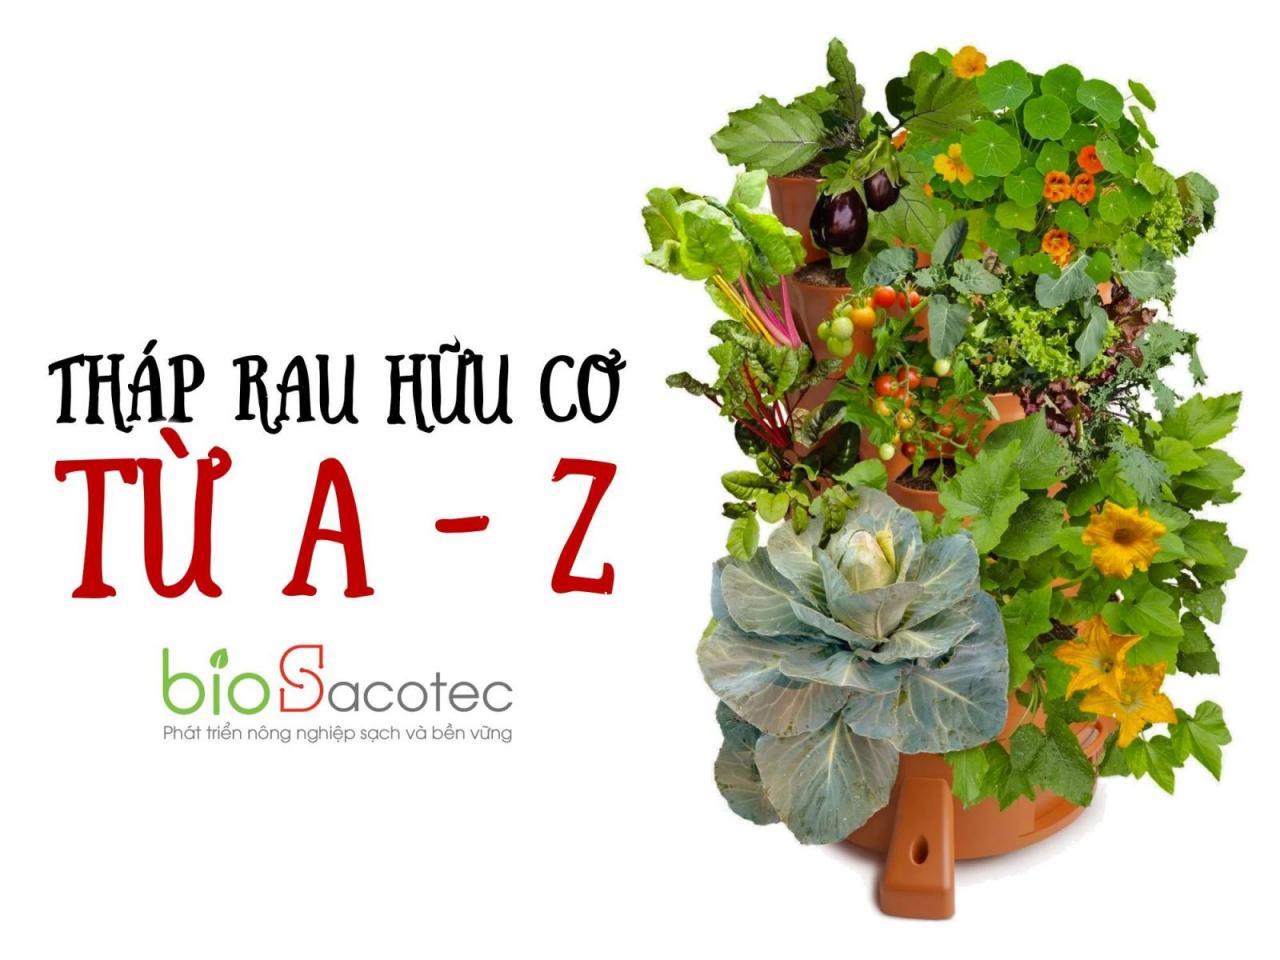 Tháp trồng rau hữu cơ